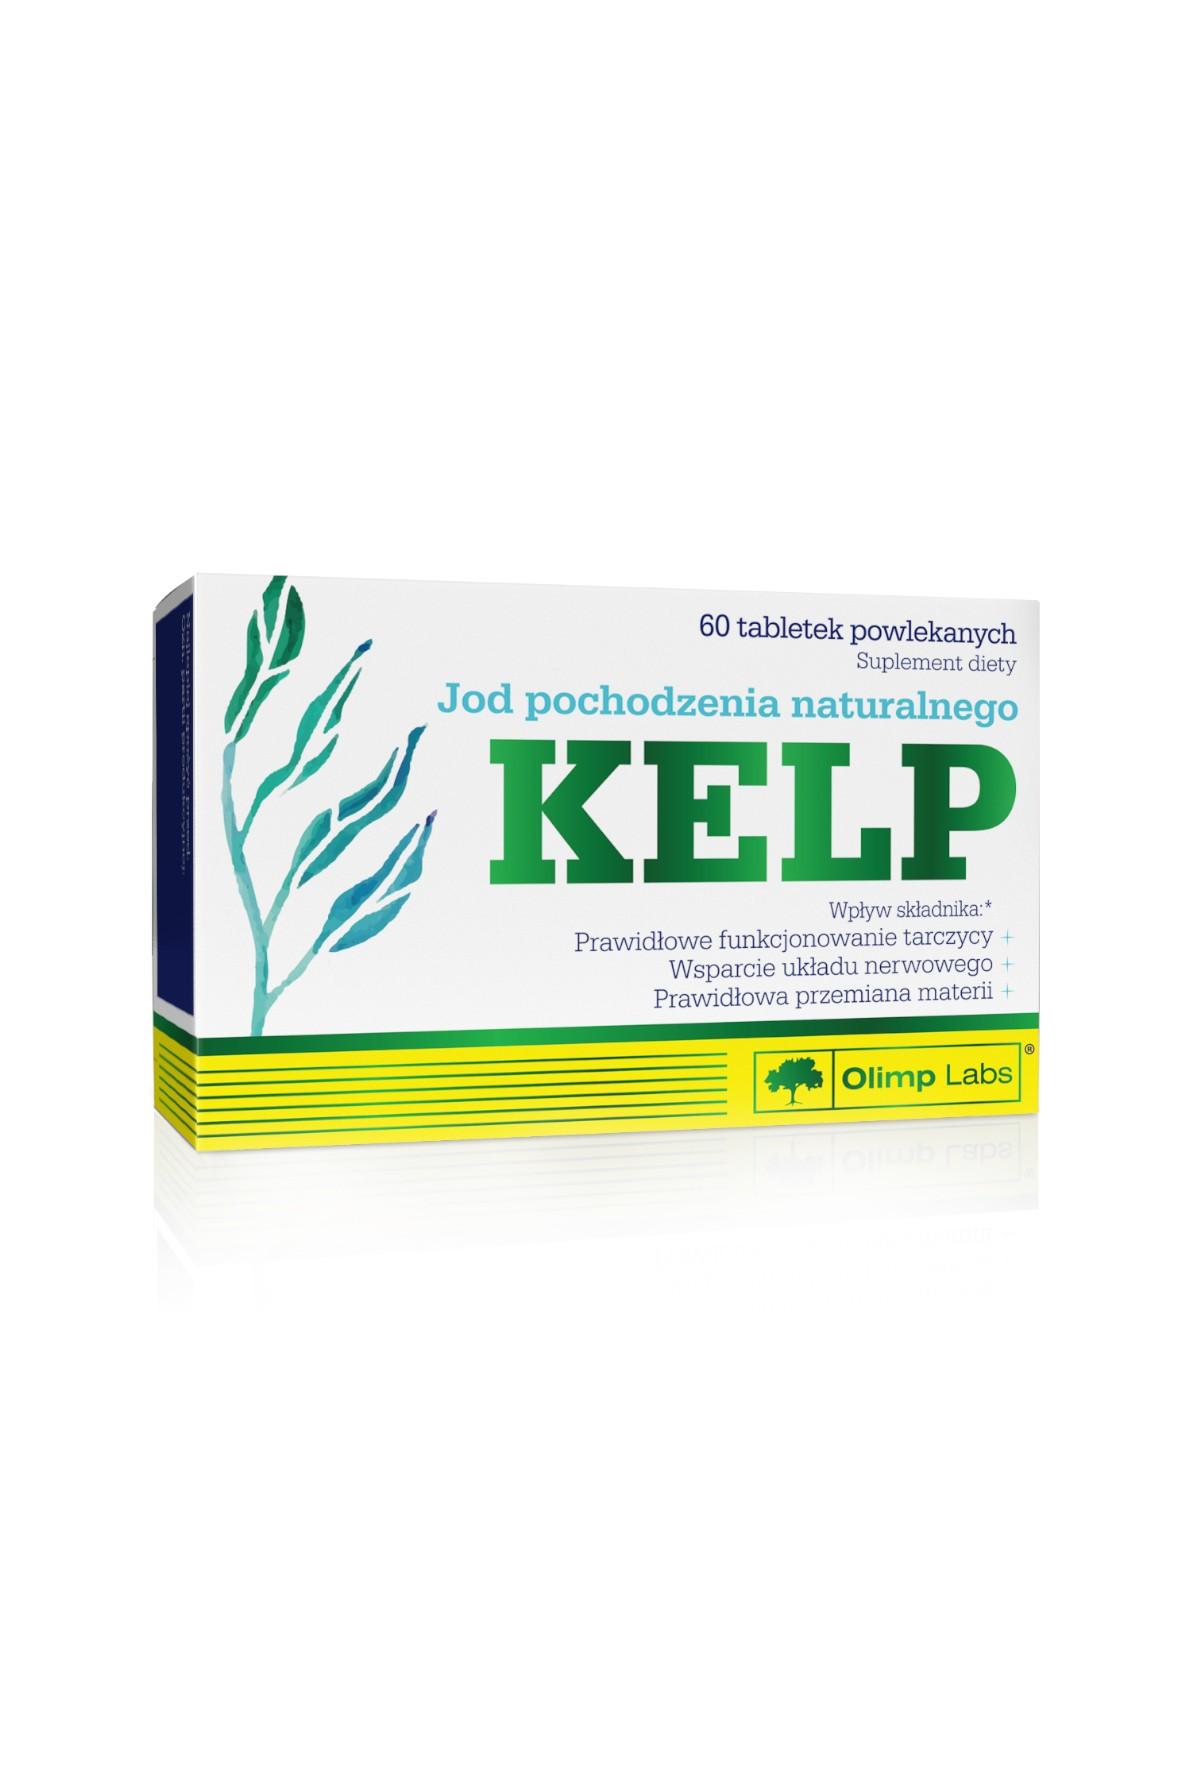 OLIMP Kelp- tarczyca-układ nerwowy- przemiana materii 60 tabletek